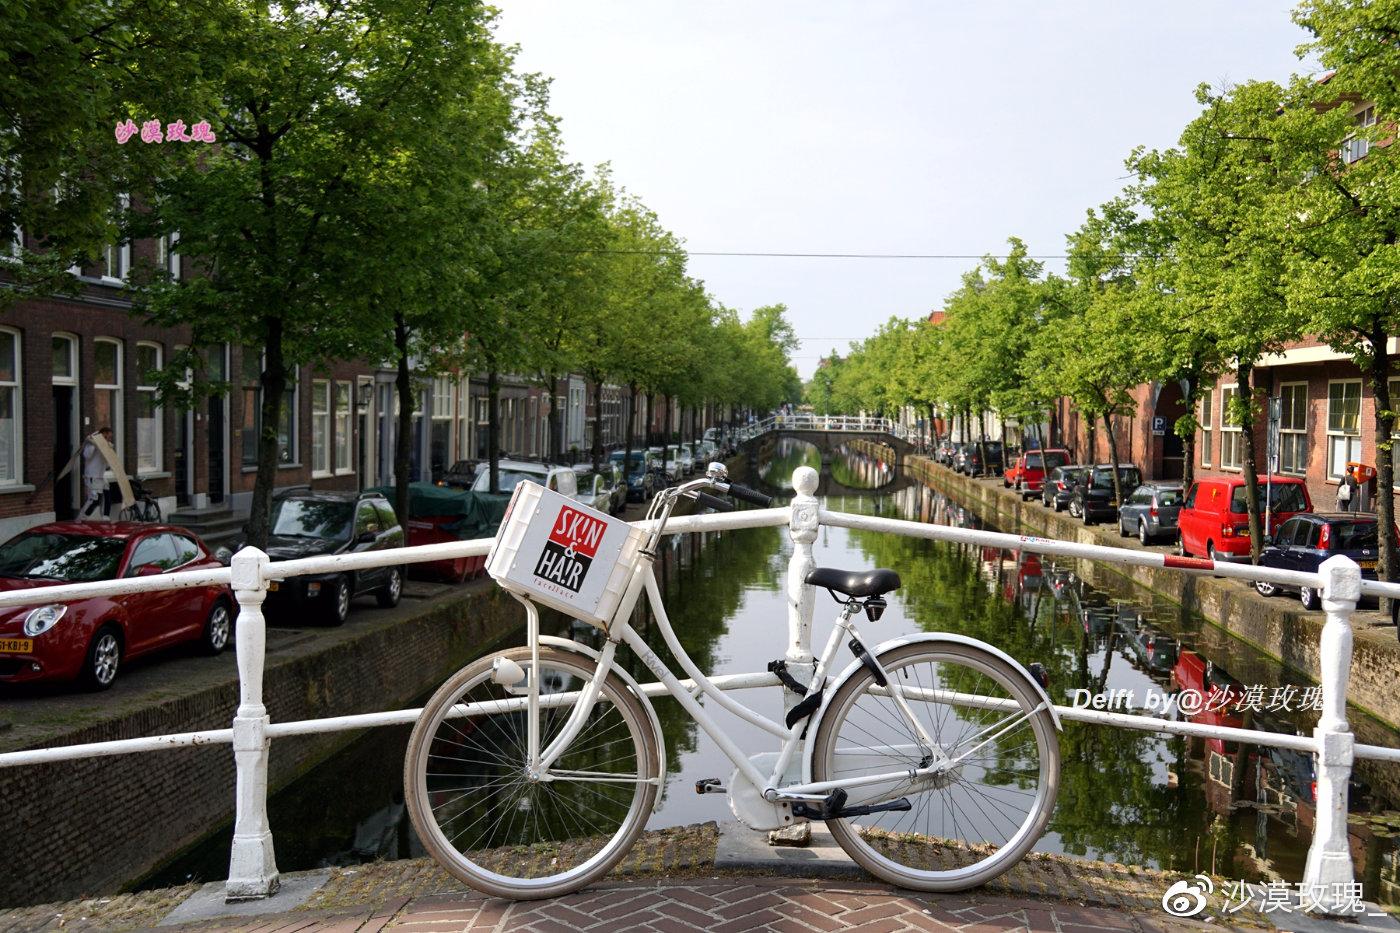 这个荷兰小镇的国宝 怎么看着这么眼熟